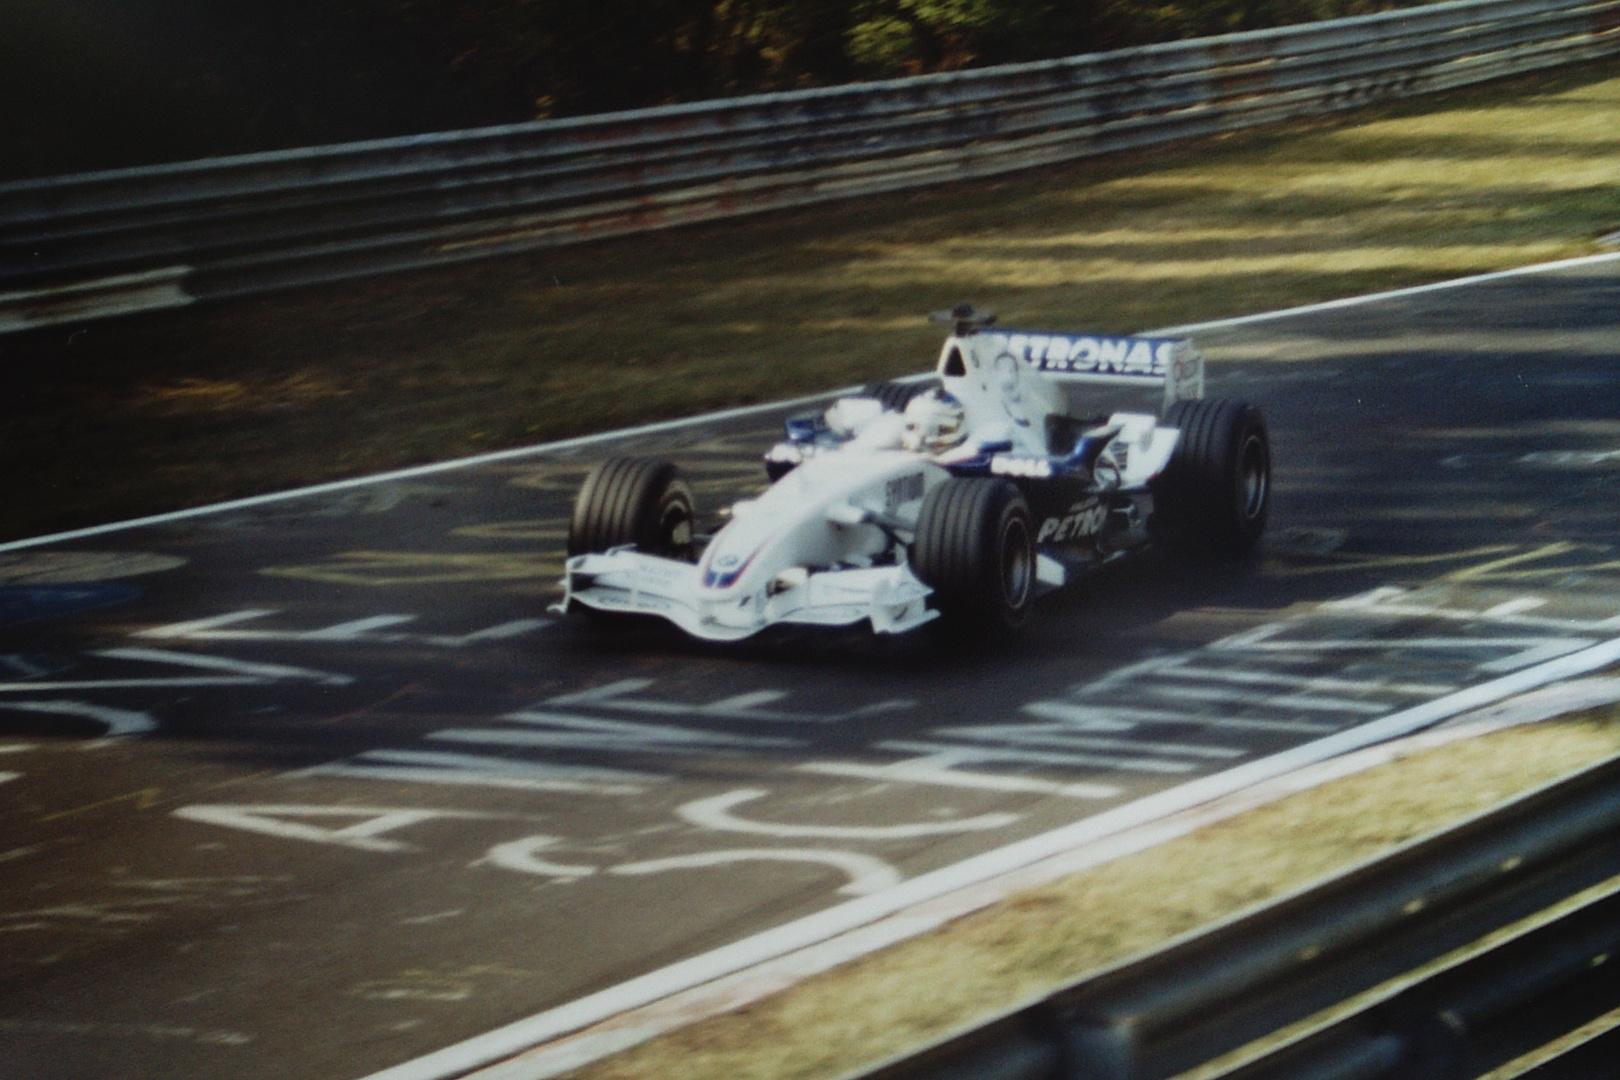 Ein Formel 1 Rennwagen auf der Nordschleife .....